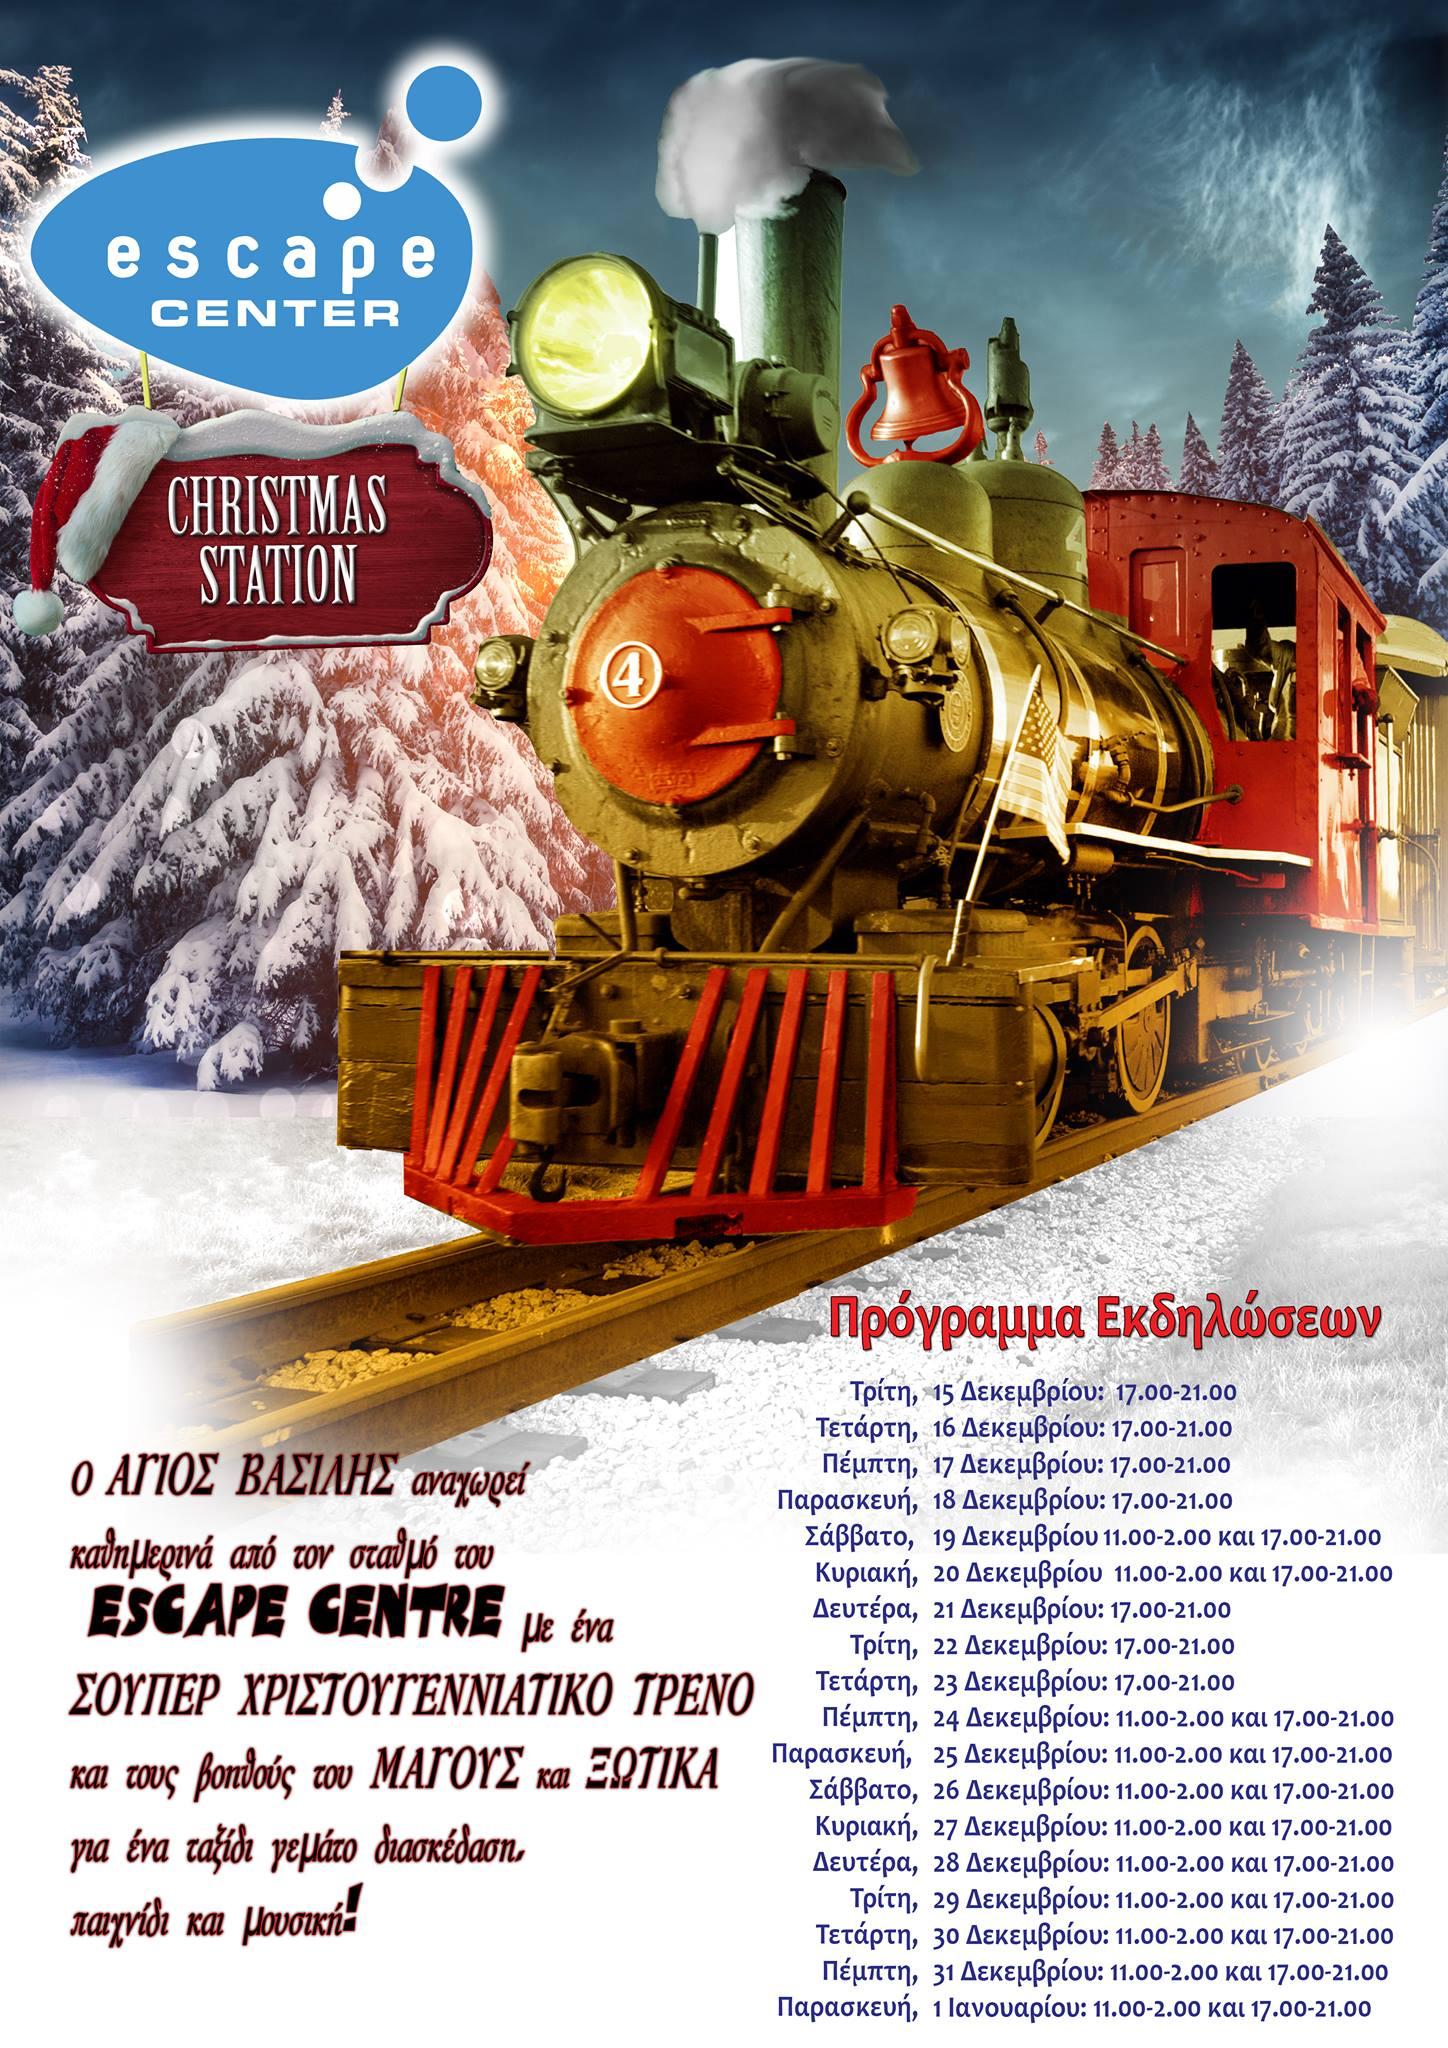 Το Σούπερ Χριστουγεννιάτικο Τρένο στο Escape Center